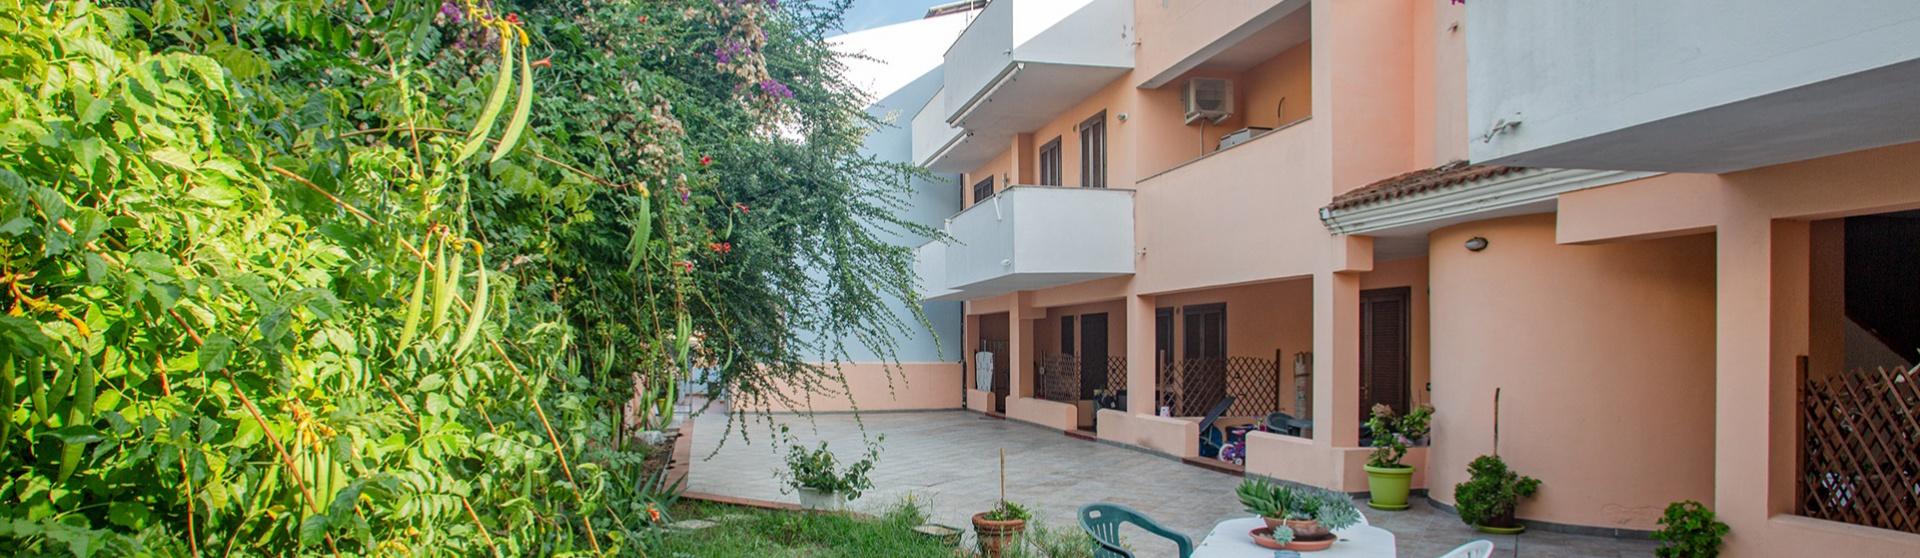 Via Tibula 10, Santa Teresa Gallura, SS, Sardegna, Italy, 1 Camera da Letto Camere da Letto, 2 Stanze Stanze,1 BagnoBagni,Bilocale,In vendita,Via Tibula,1,1305